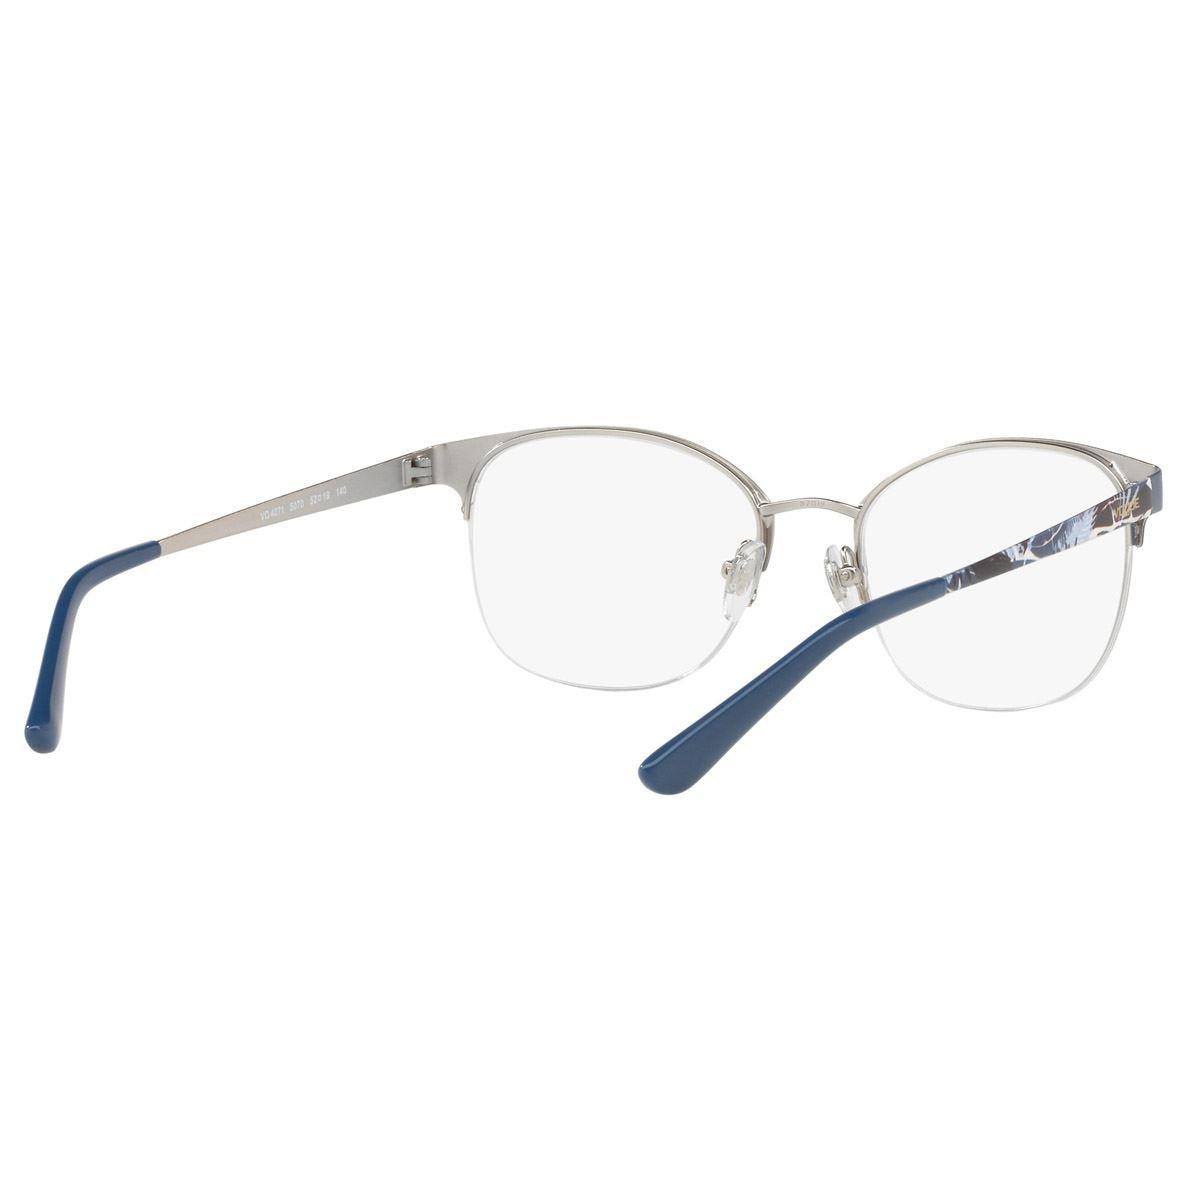 Vogue armazón metálico azul  - Sanborns